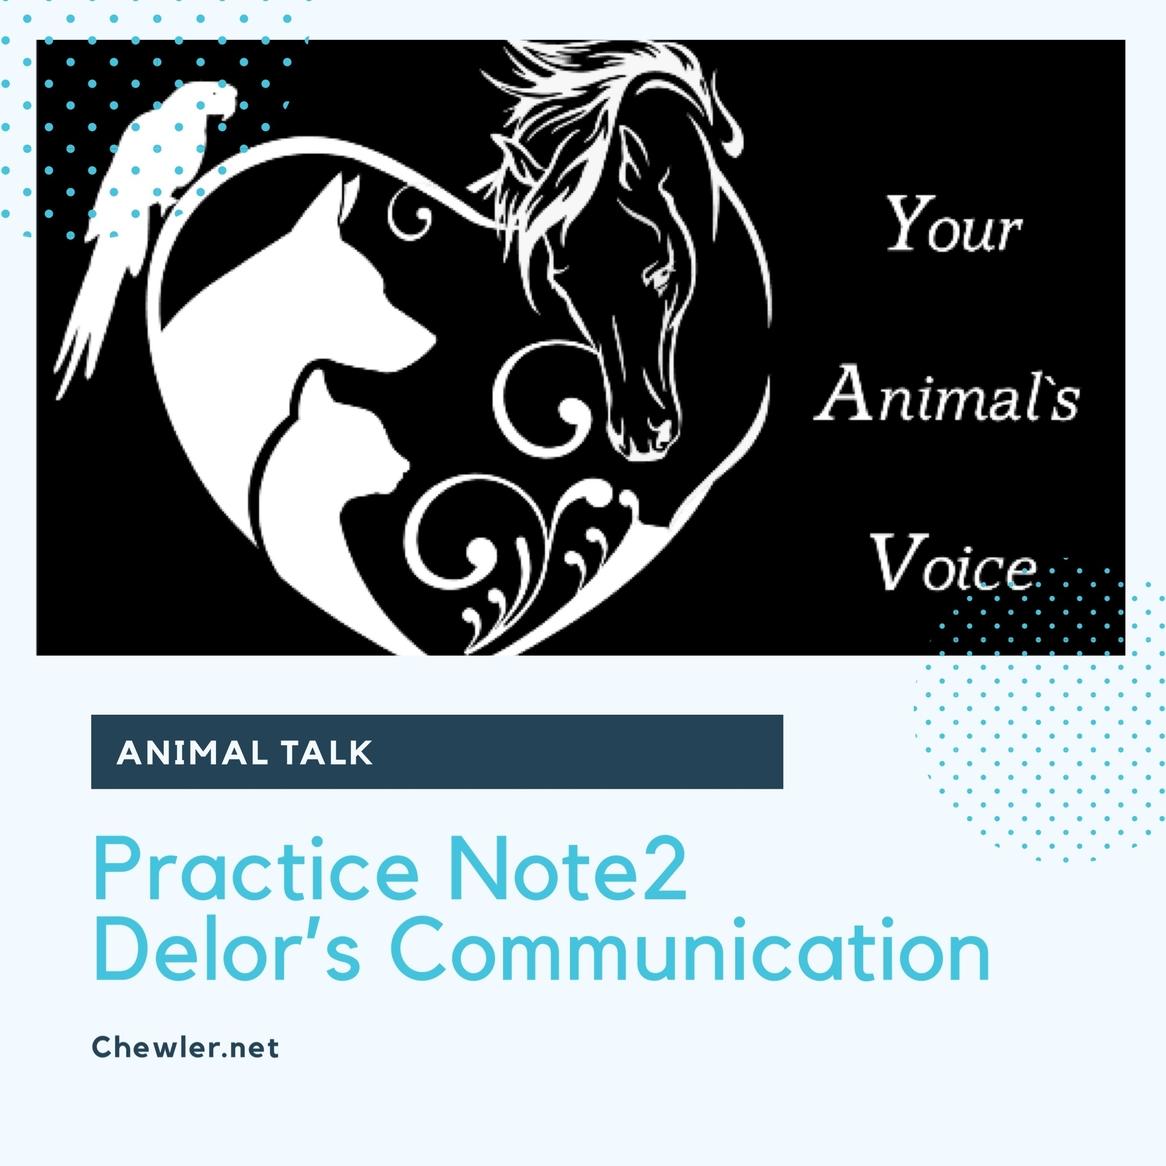 動物溝通課程筆記Note2 : 豬樂貓免費寵物溝通初體驗與心理學素養導論課程